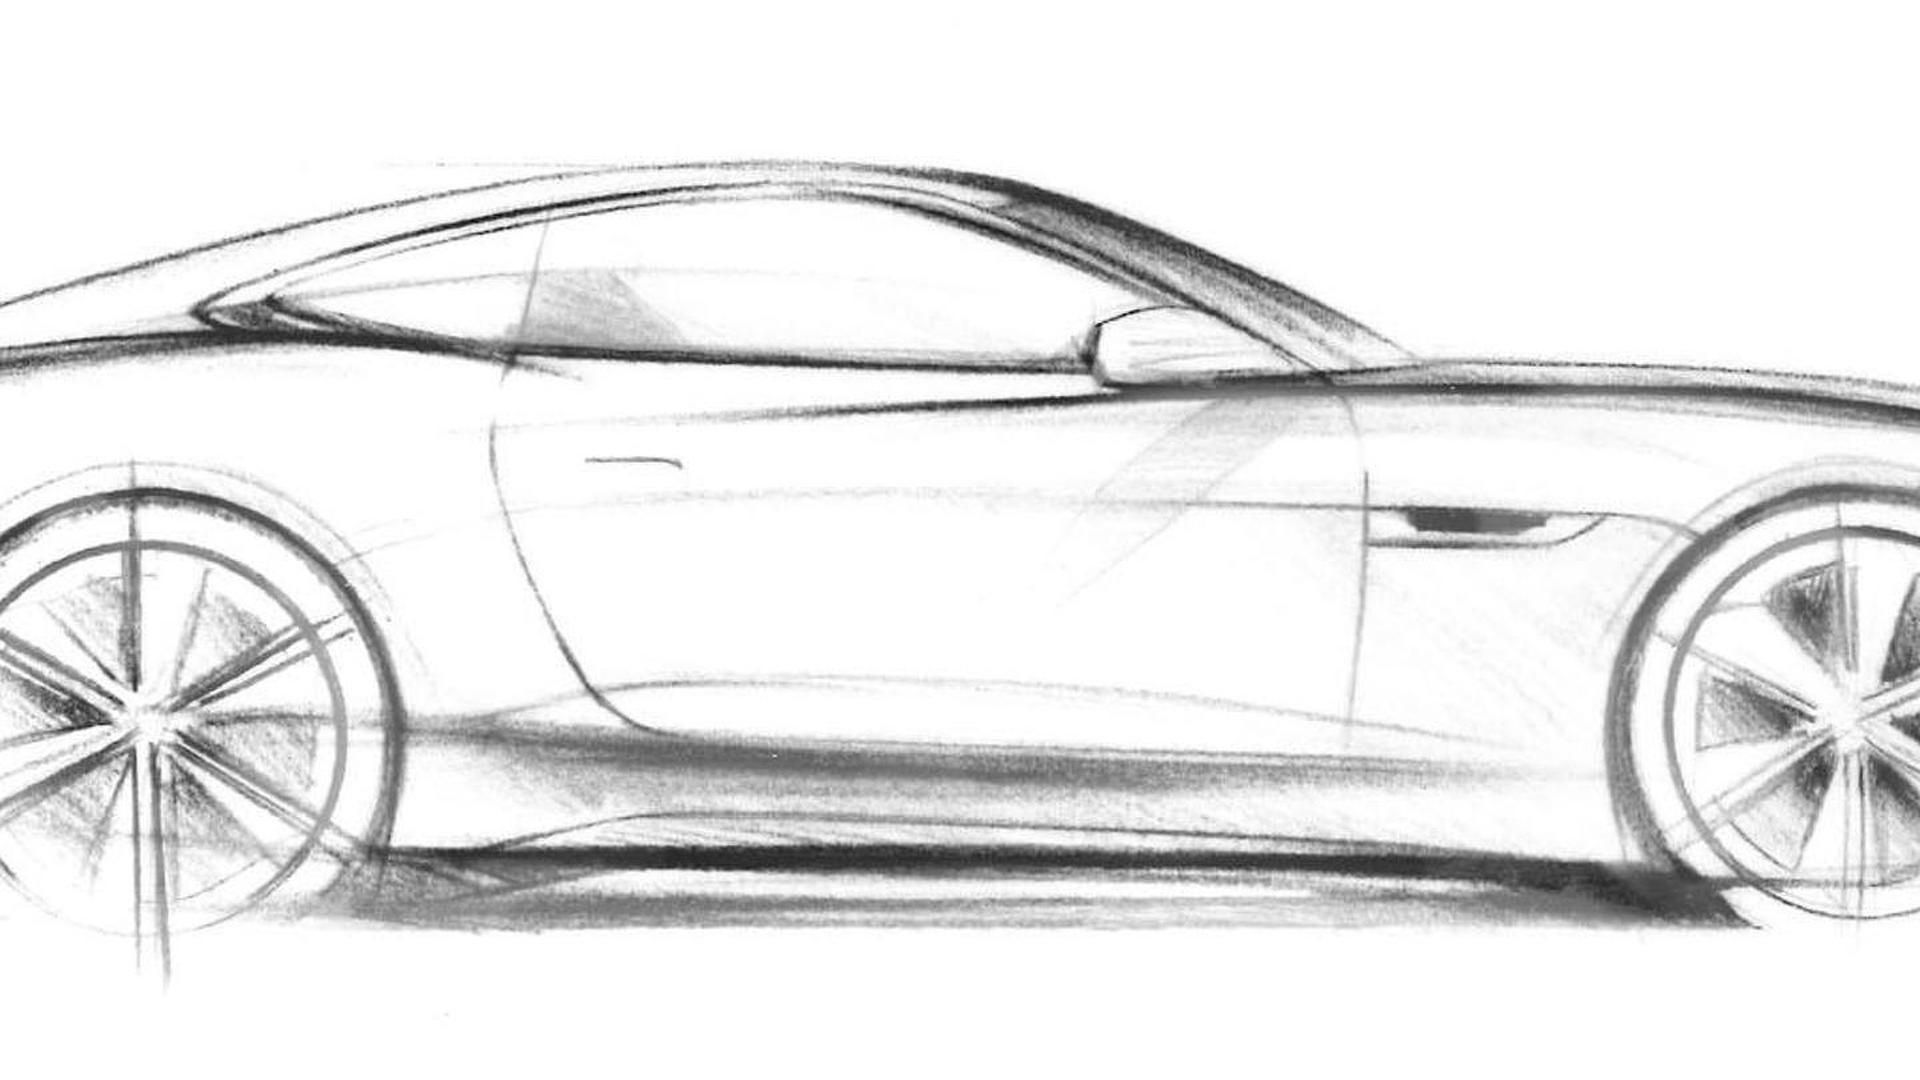 Jaguar C-X16 concept teased for Frankfurt debut